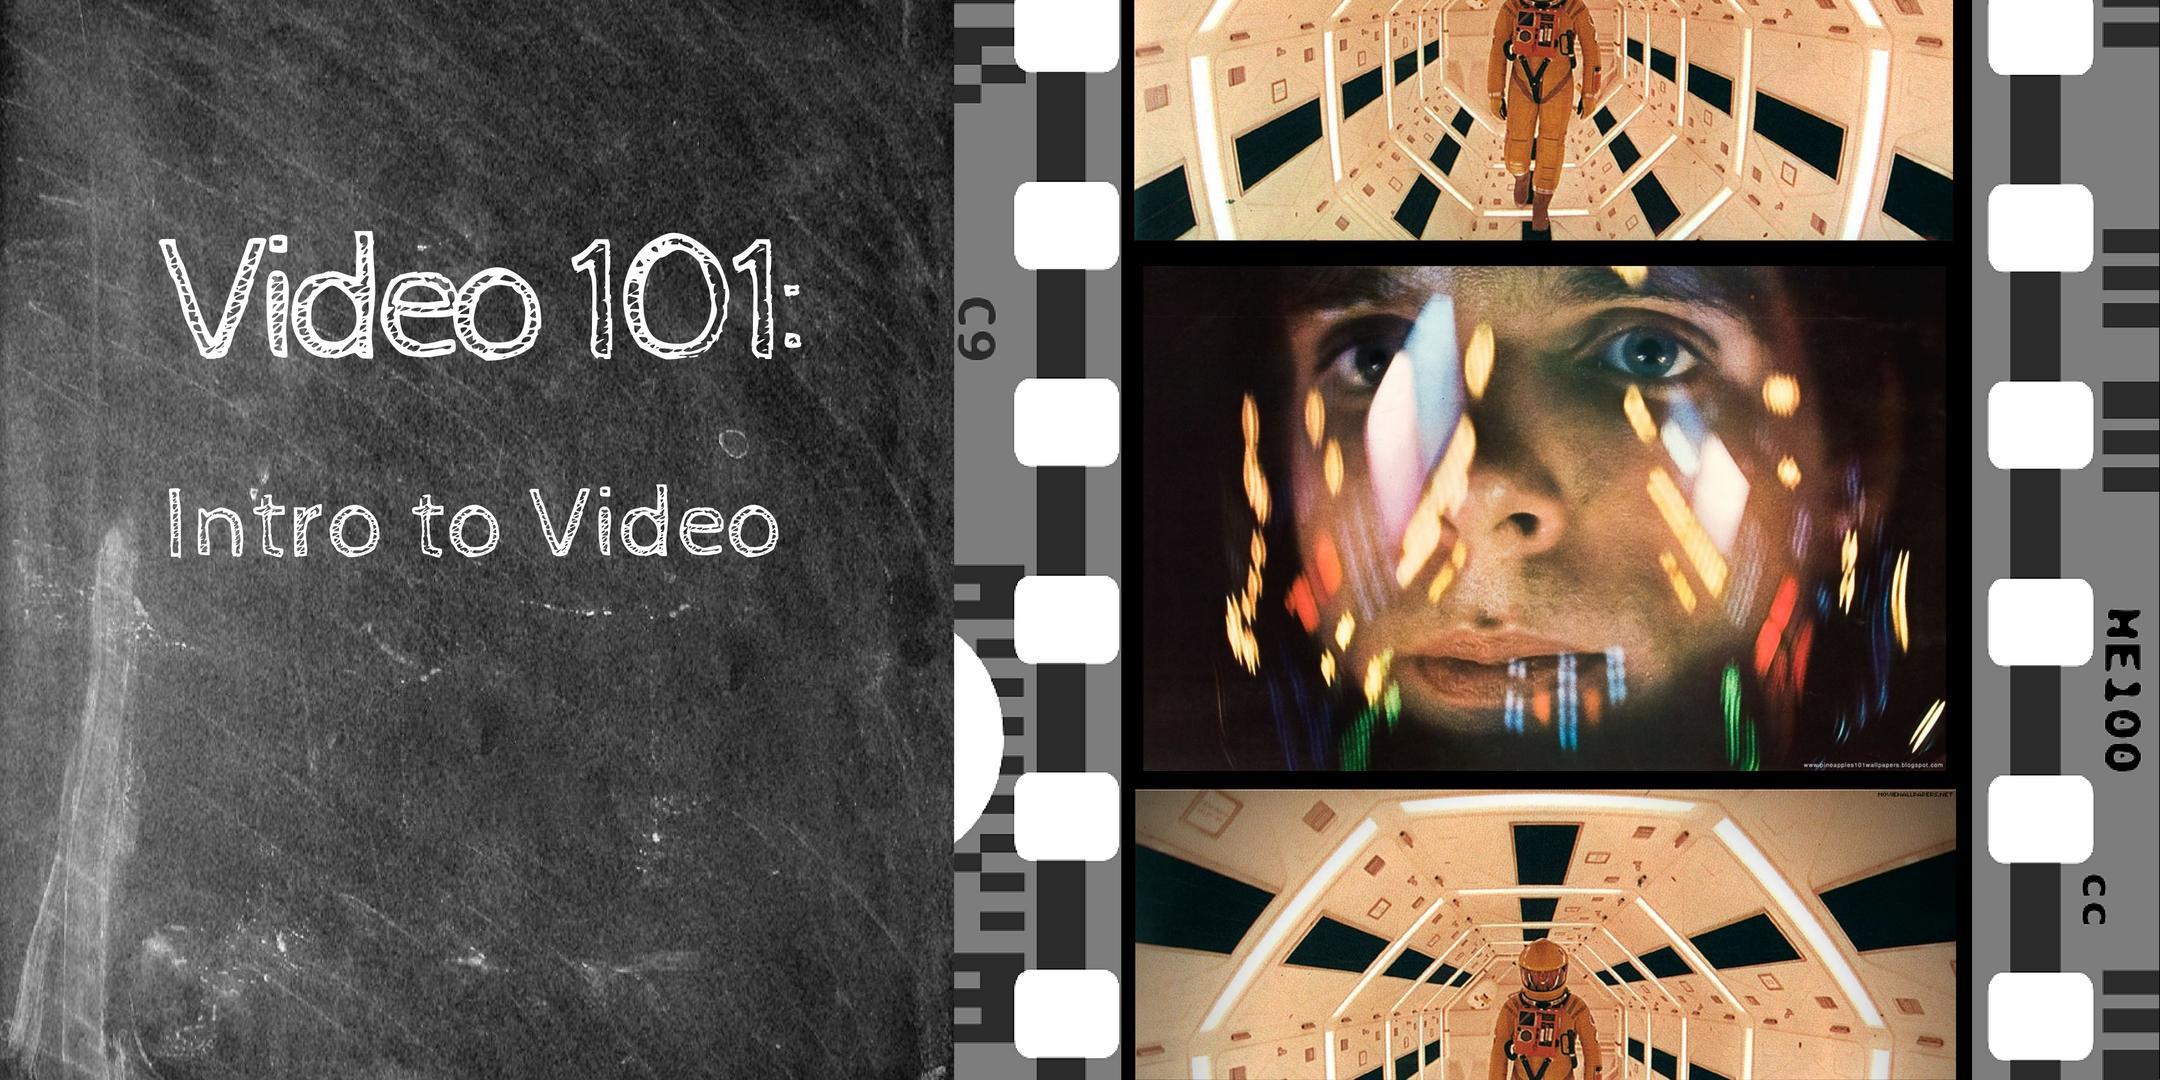 Video 101 with TJ Hansen